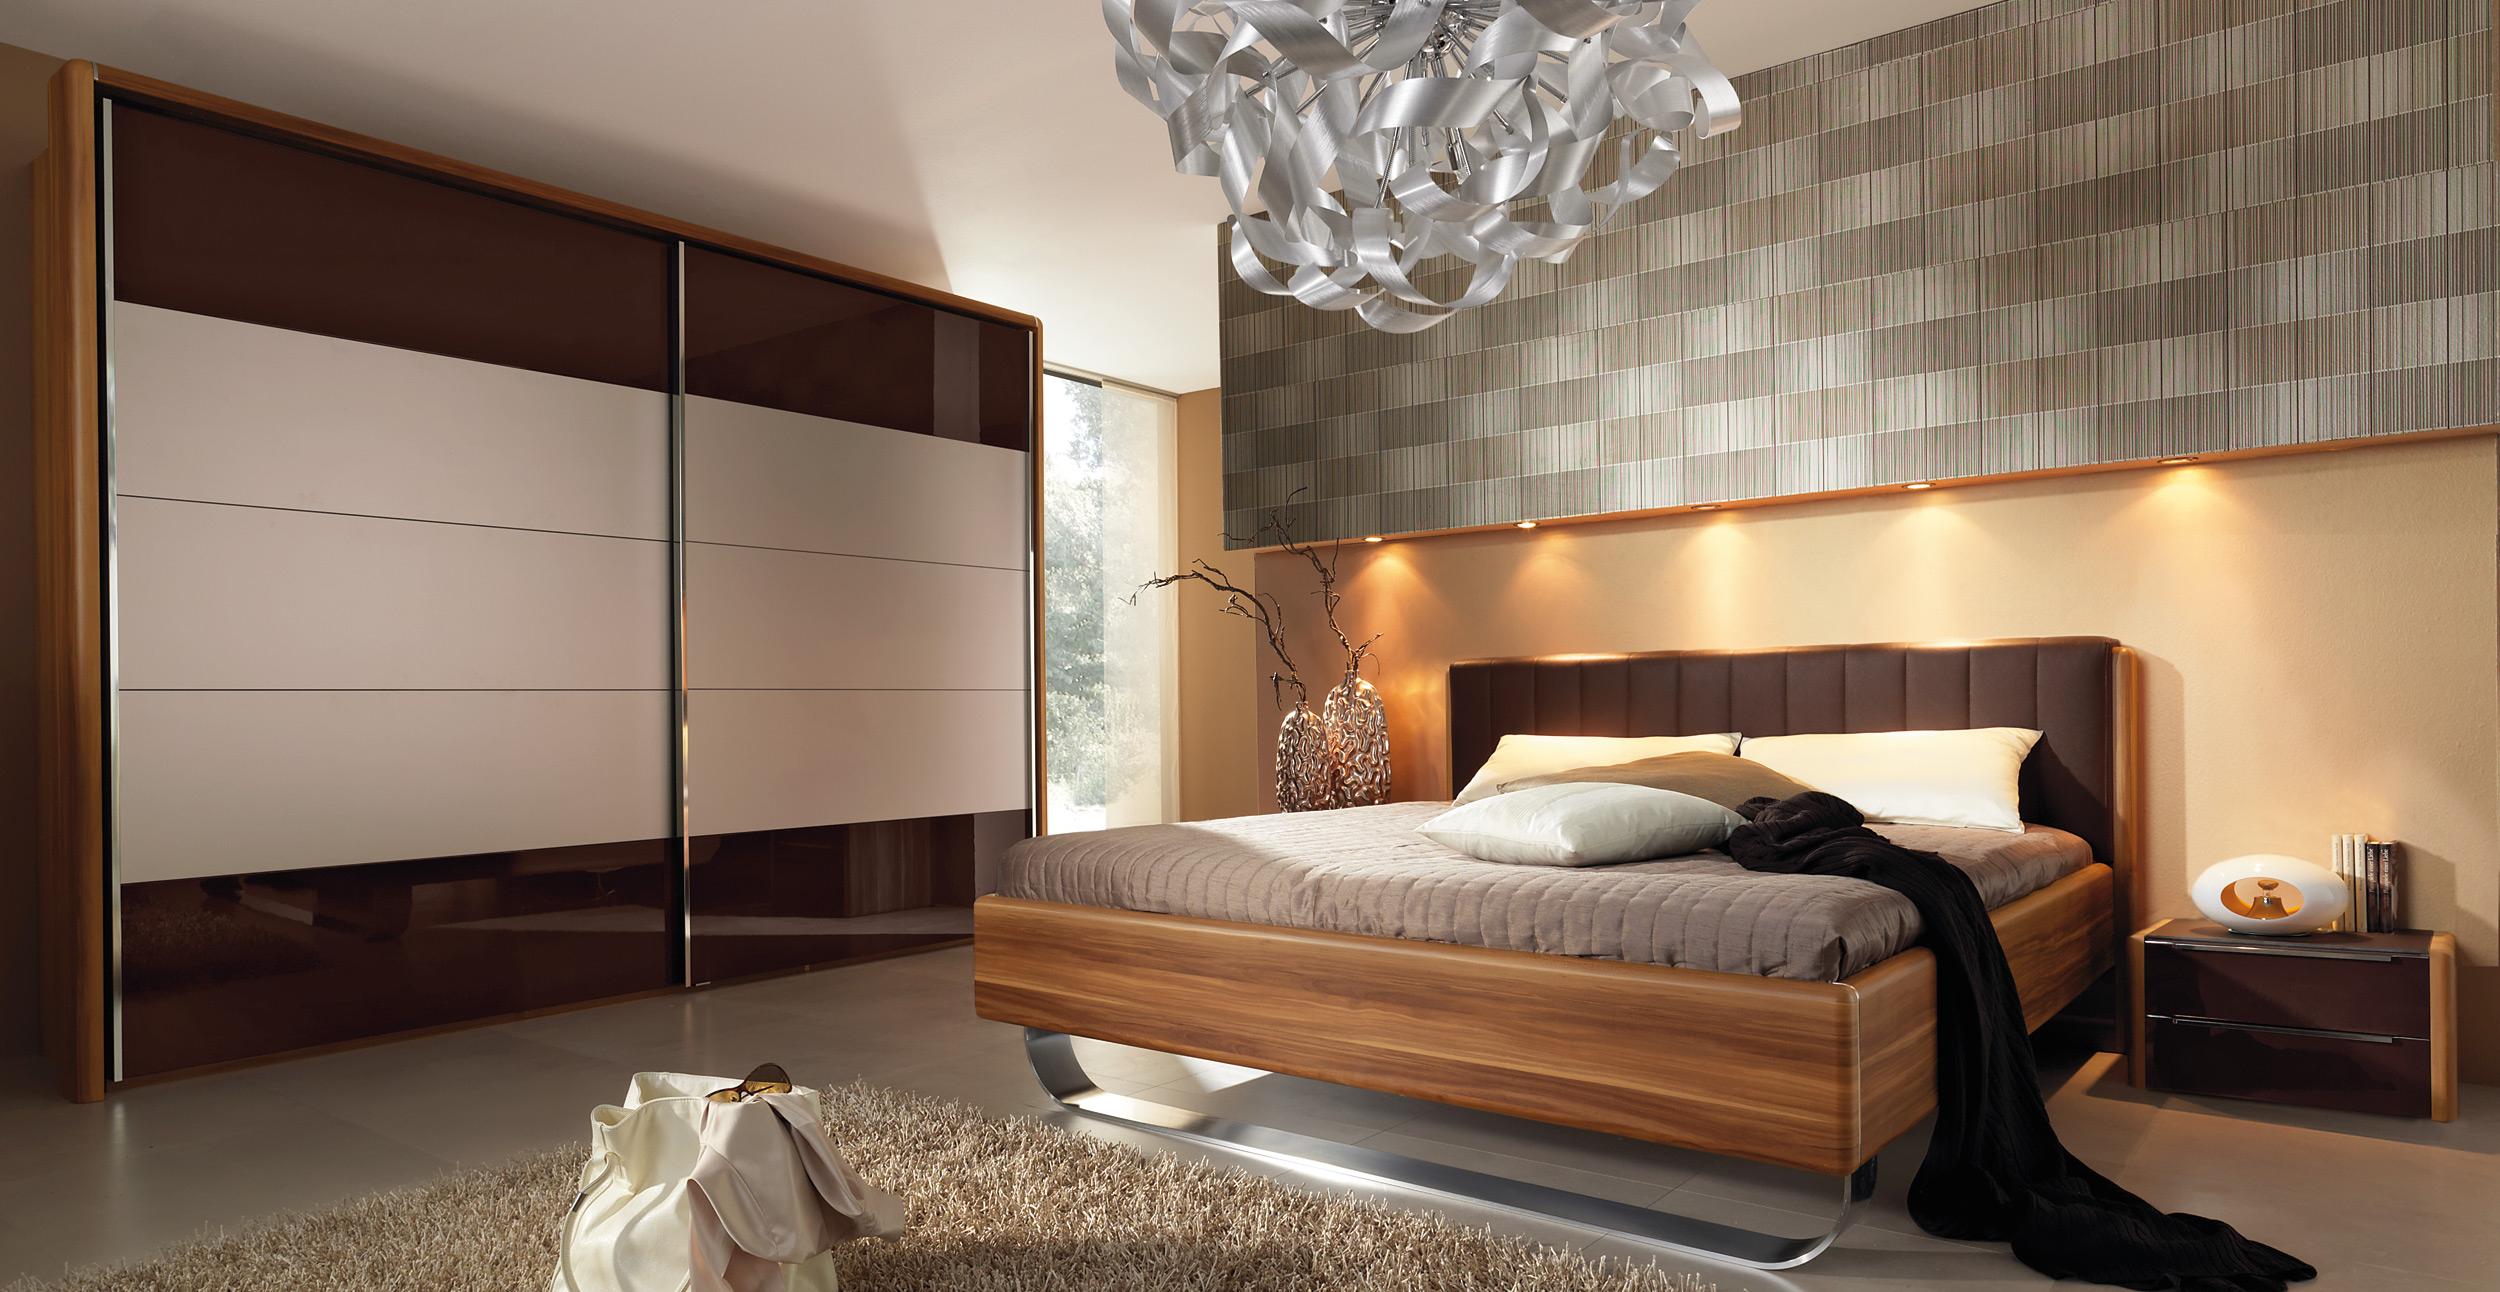 Full Size of Schlafzimmer Set Gnstig Wohnzimmer Kernbuche Massiv Sofa Günstig Deckenlampe Komplett Poco Günstiges Komplettes Massivholz Stehlampe Günstige Stuhl Betten Schlafzimmer Komplett Schlafzimmer Günstig